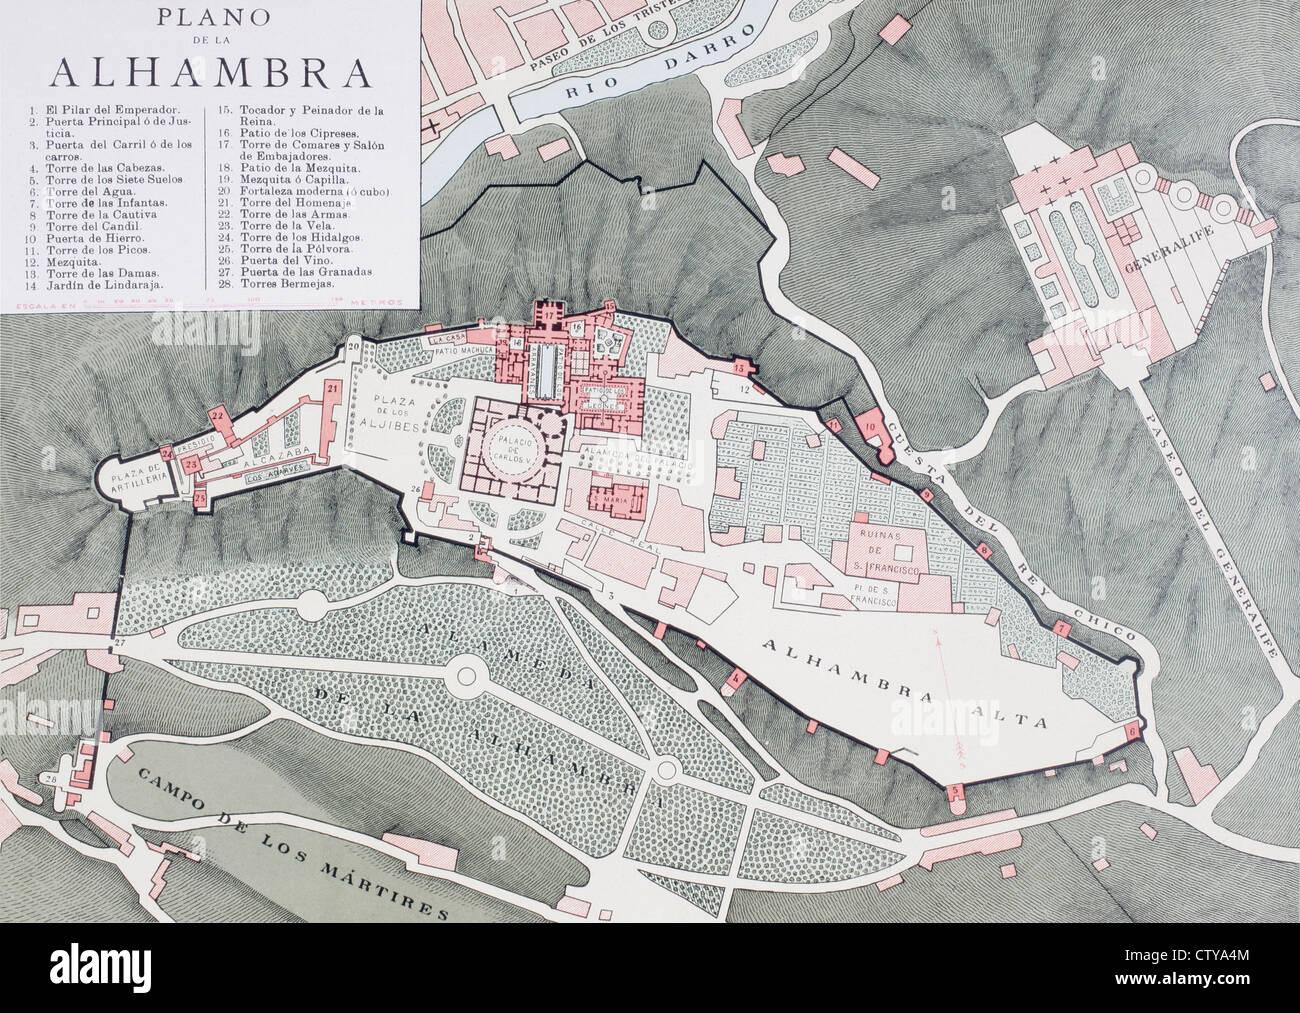 Granada, Espagne. Plan de l'Alhambra et districts environnants autour du tournant du 20e siècle Photo Stock